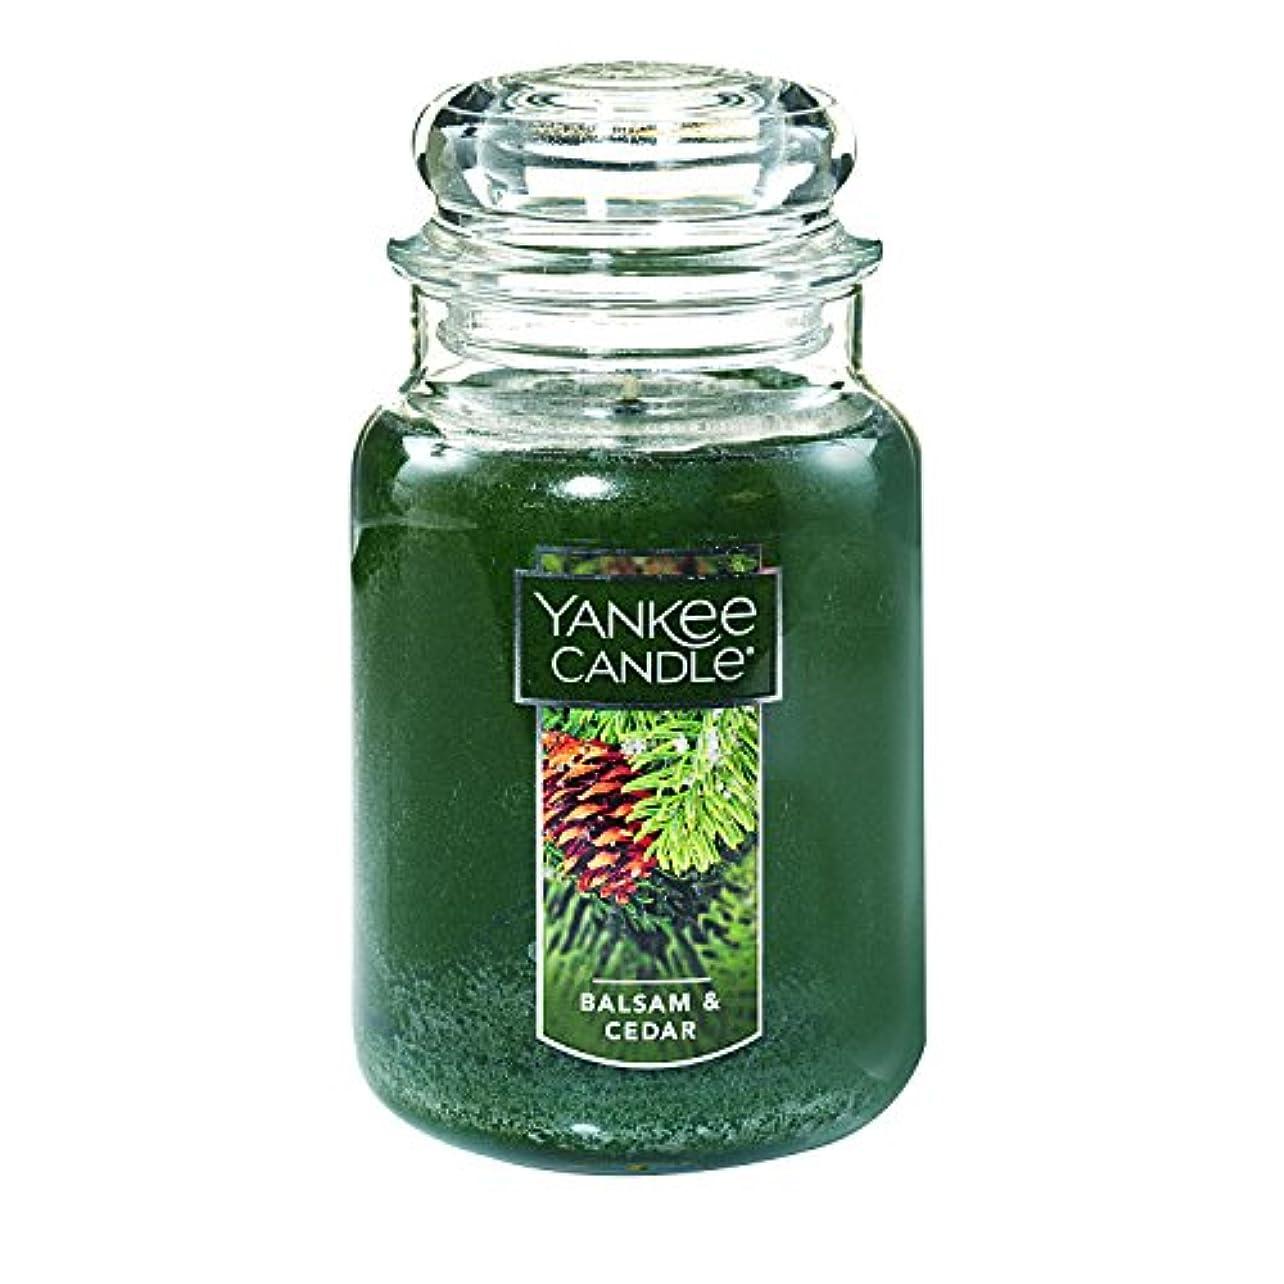 市の中心部佐賀全体に(ヤンキーキャンドル) Yankee Candle ラージ 22オンス ジャーキャンドル バルサム&シダー Large Jar Candle グリーン 1062314